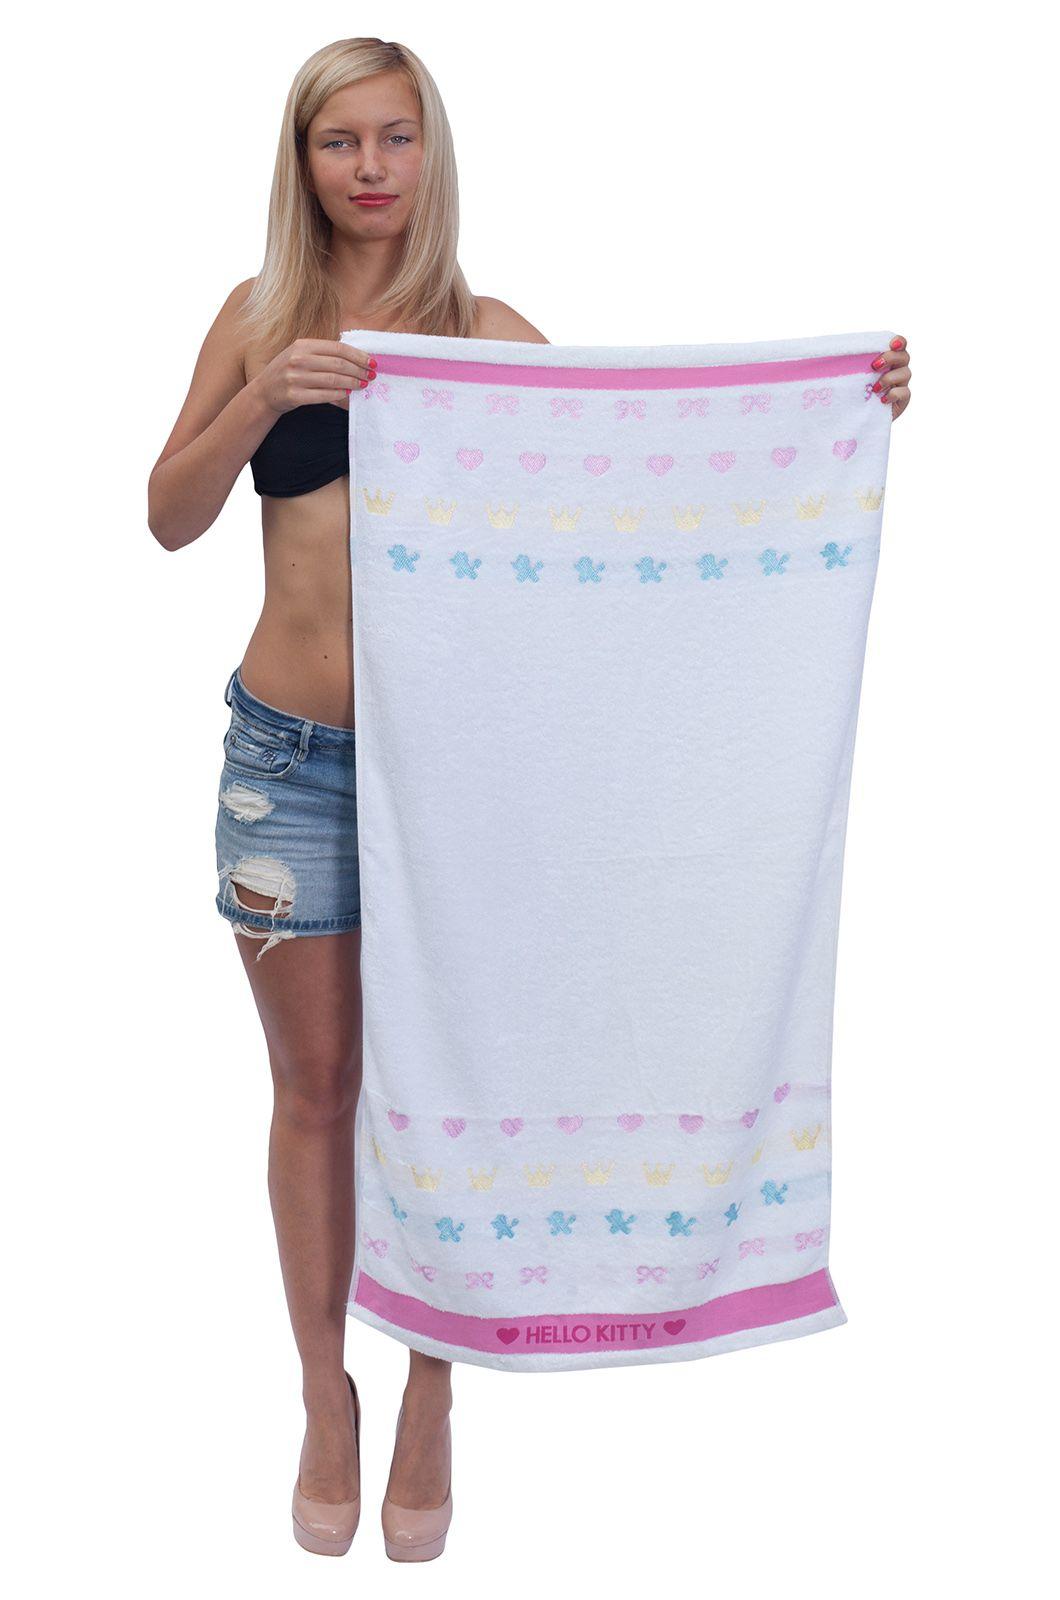 Полотенце Hello Kitty - купить по низкой цене